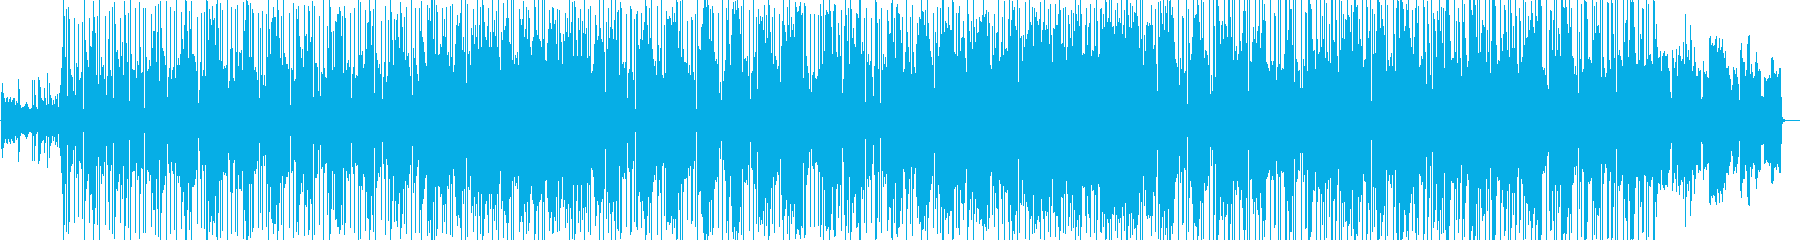 ファンクなピアノスムースジャズの再生済みの波形